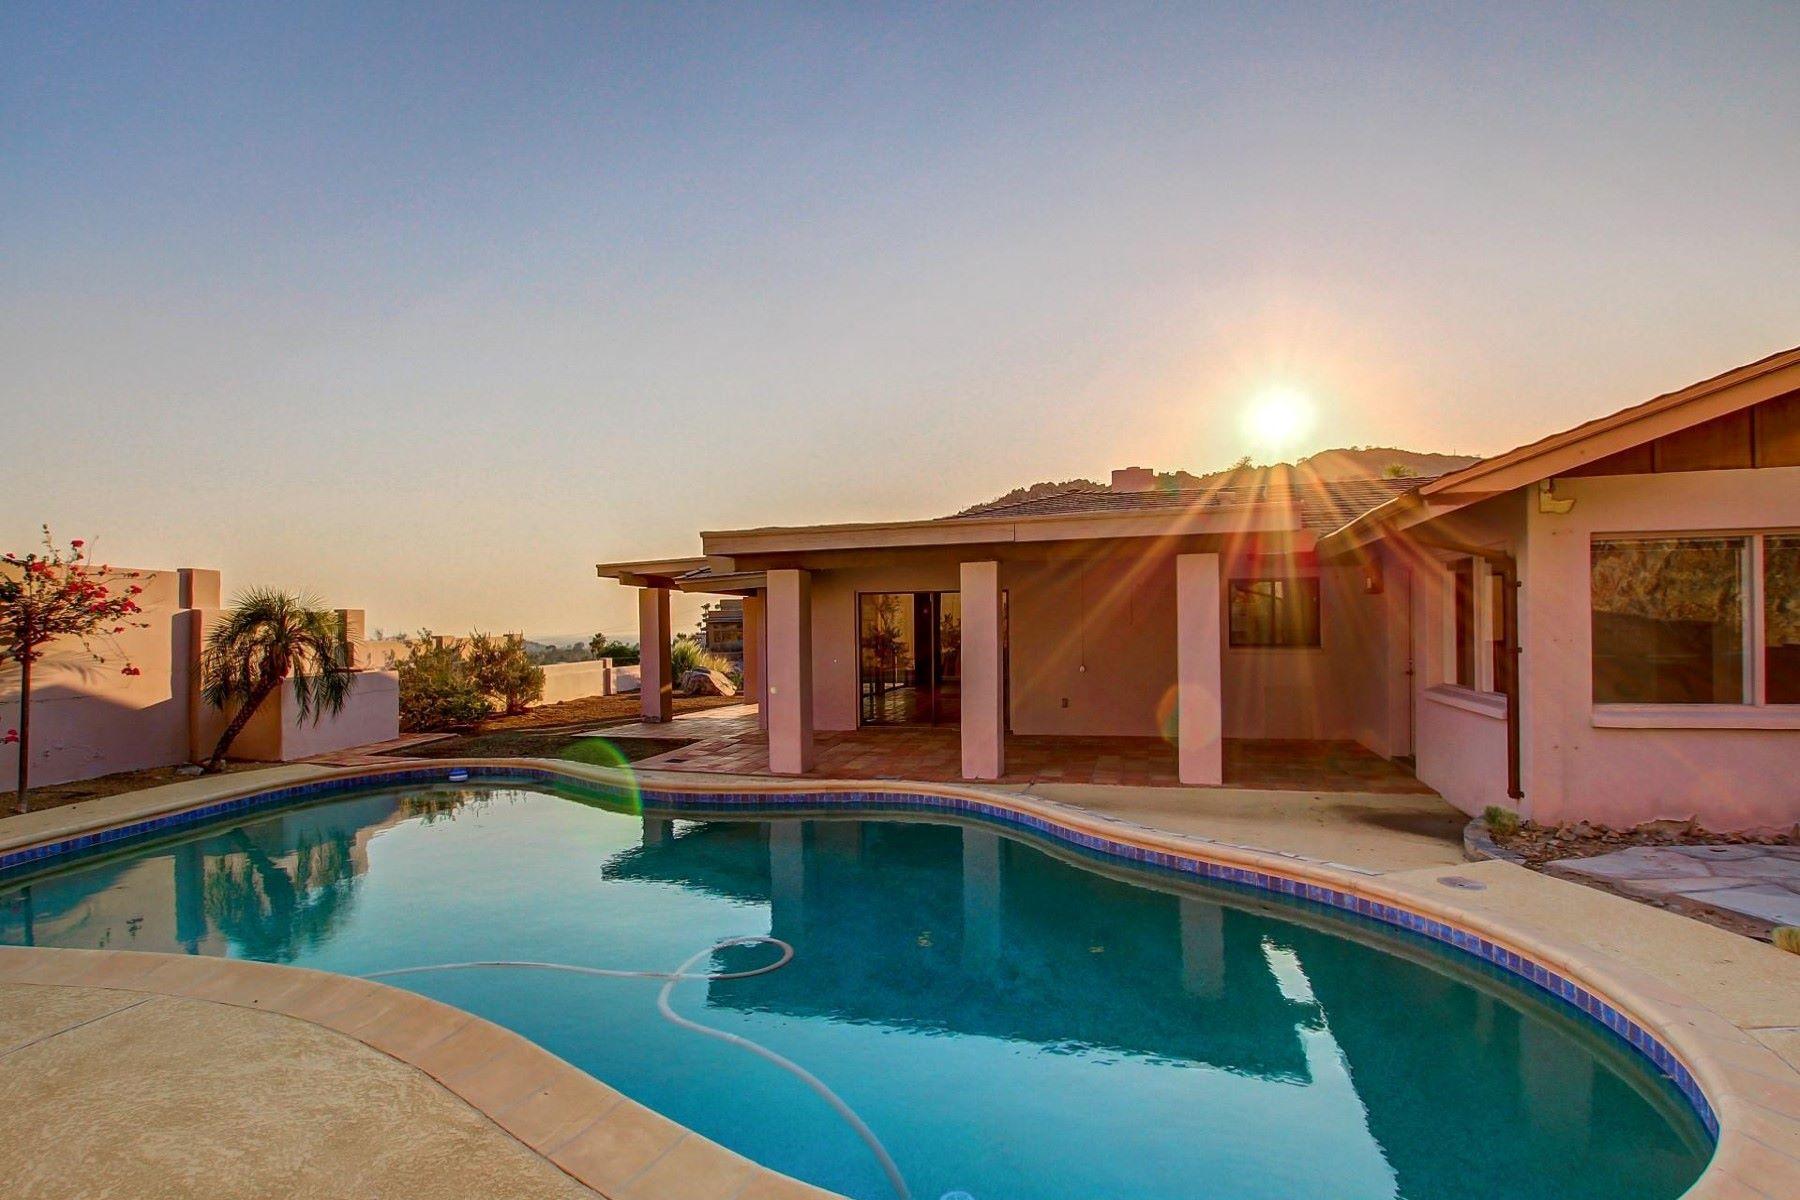 Nhà ở một gia đình vì Bán tại Lovely sold as is home on gated lot in Palm Canyon 6541 N 36th Street Phoenix, Arizona, 85018 Hoa Kỳ